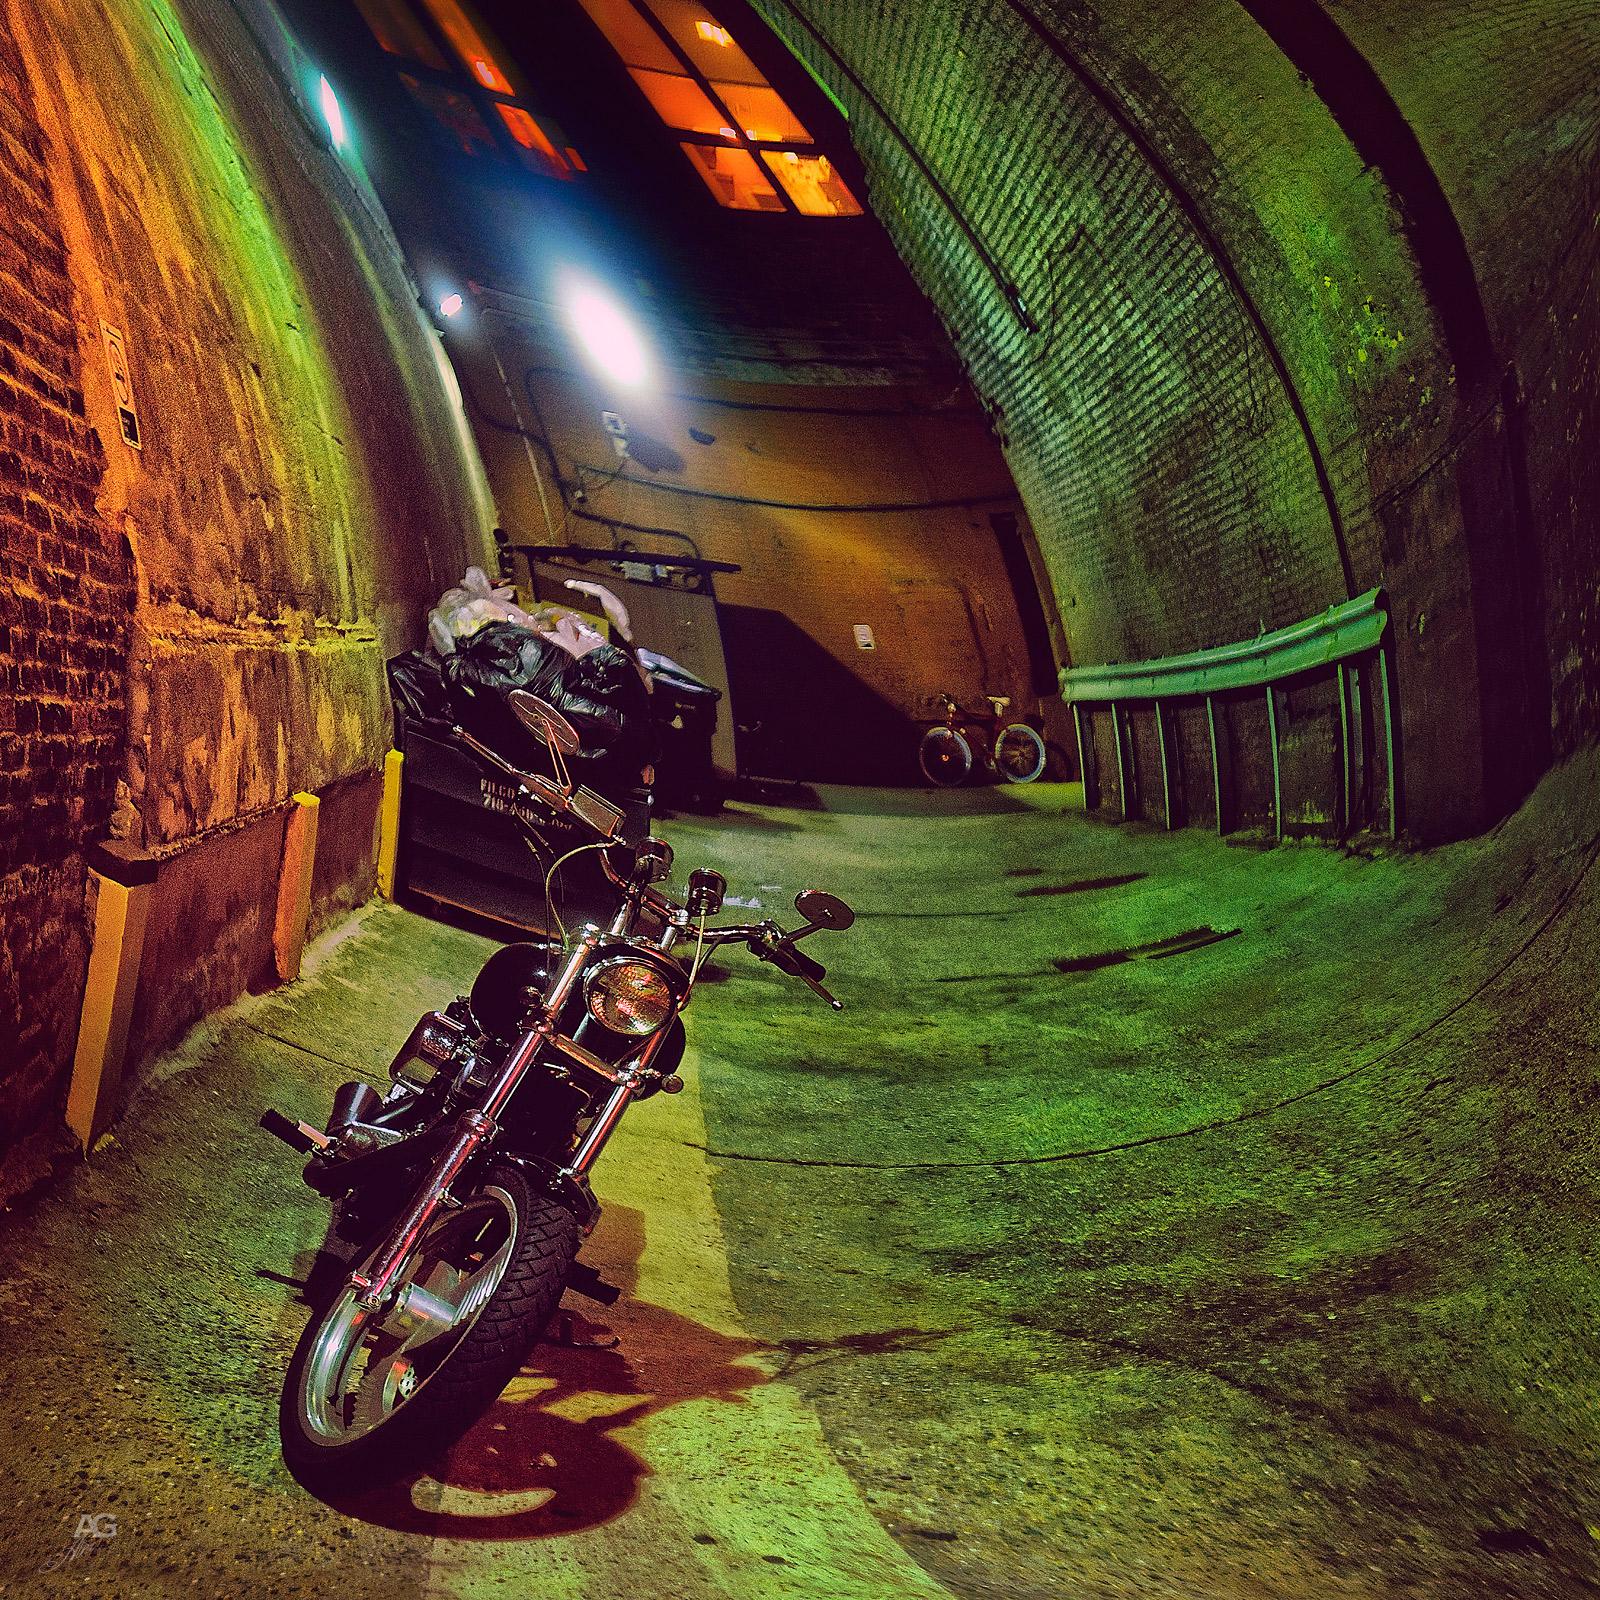 BikeInAGreenYardNight_warped_1600